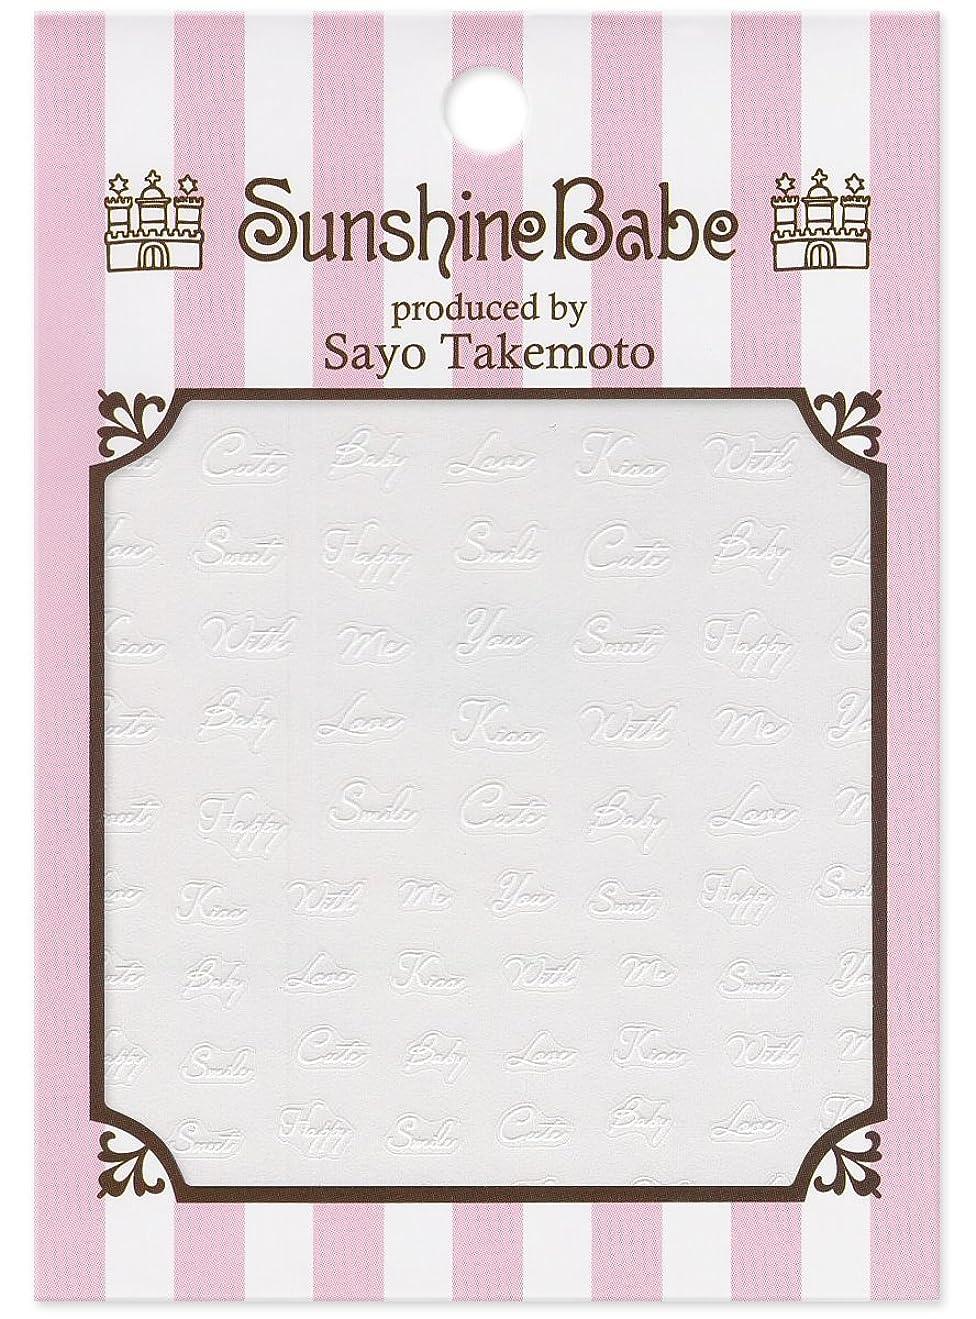 ウィスキーに対処する植木サンシャインベビー ジェルネイル 武本小夜のネイルシール Sayo Style レターズ3(ホワイト)